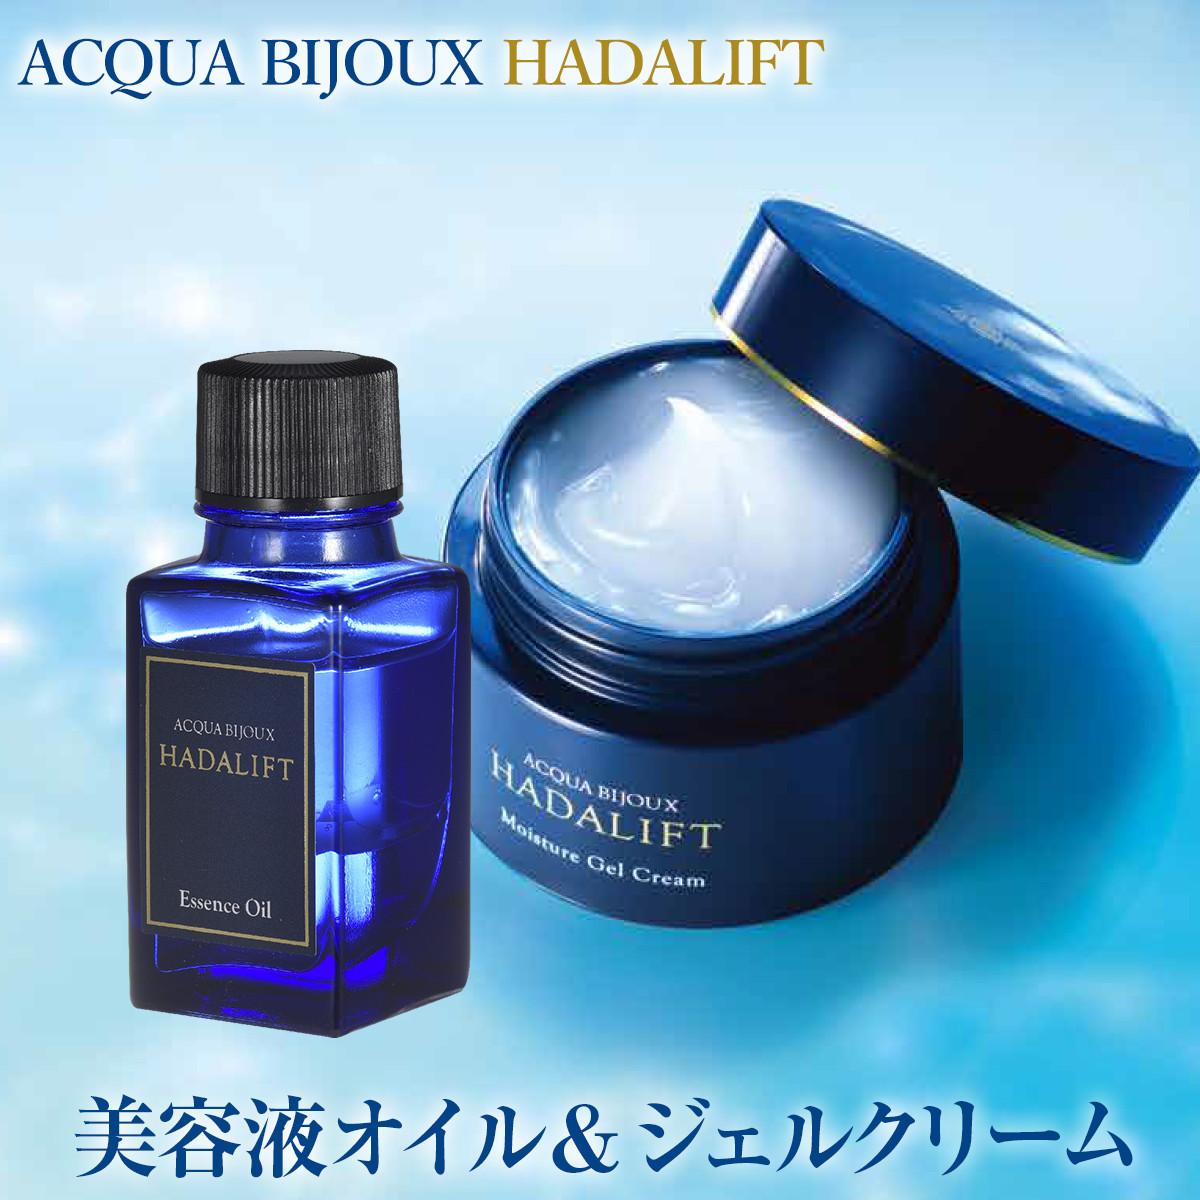 フェヴリナ / HADALIFTアクアビジュ ハダリフト 美容液 オイル (20mL)& ジェルクリーム (50g)セットFAVORINA 植物由来 保湿 コラーゲン ヒアルロン酸